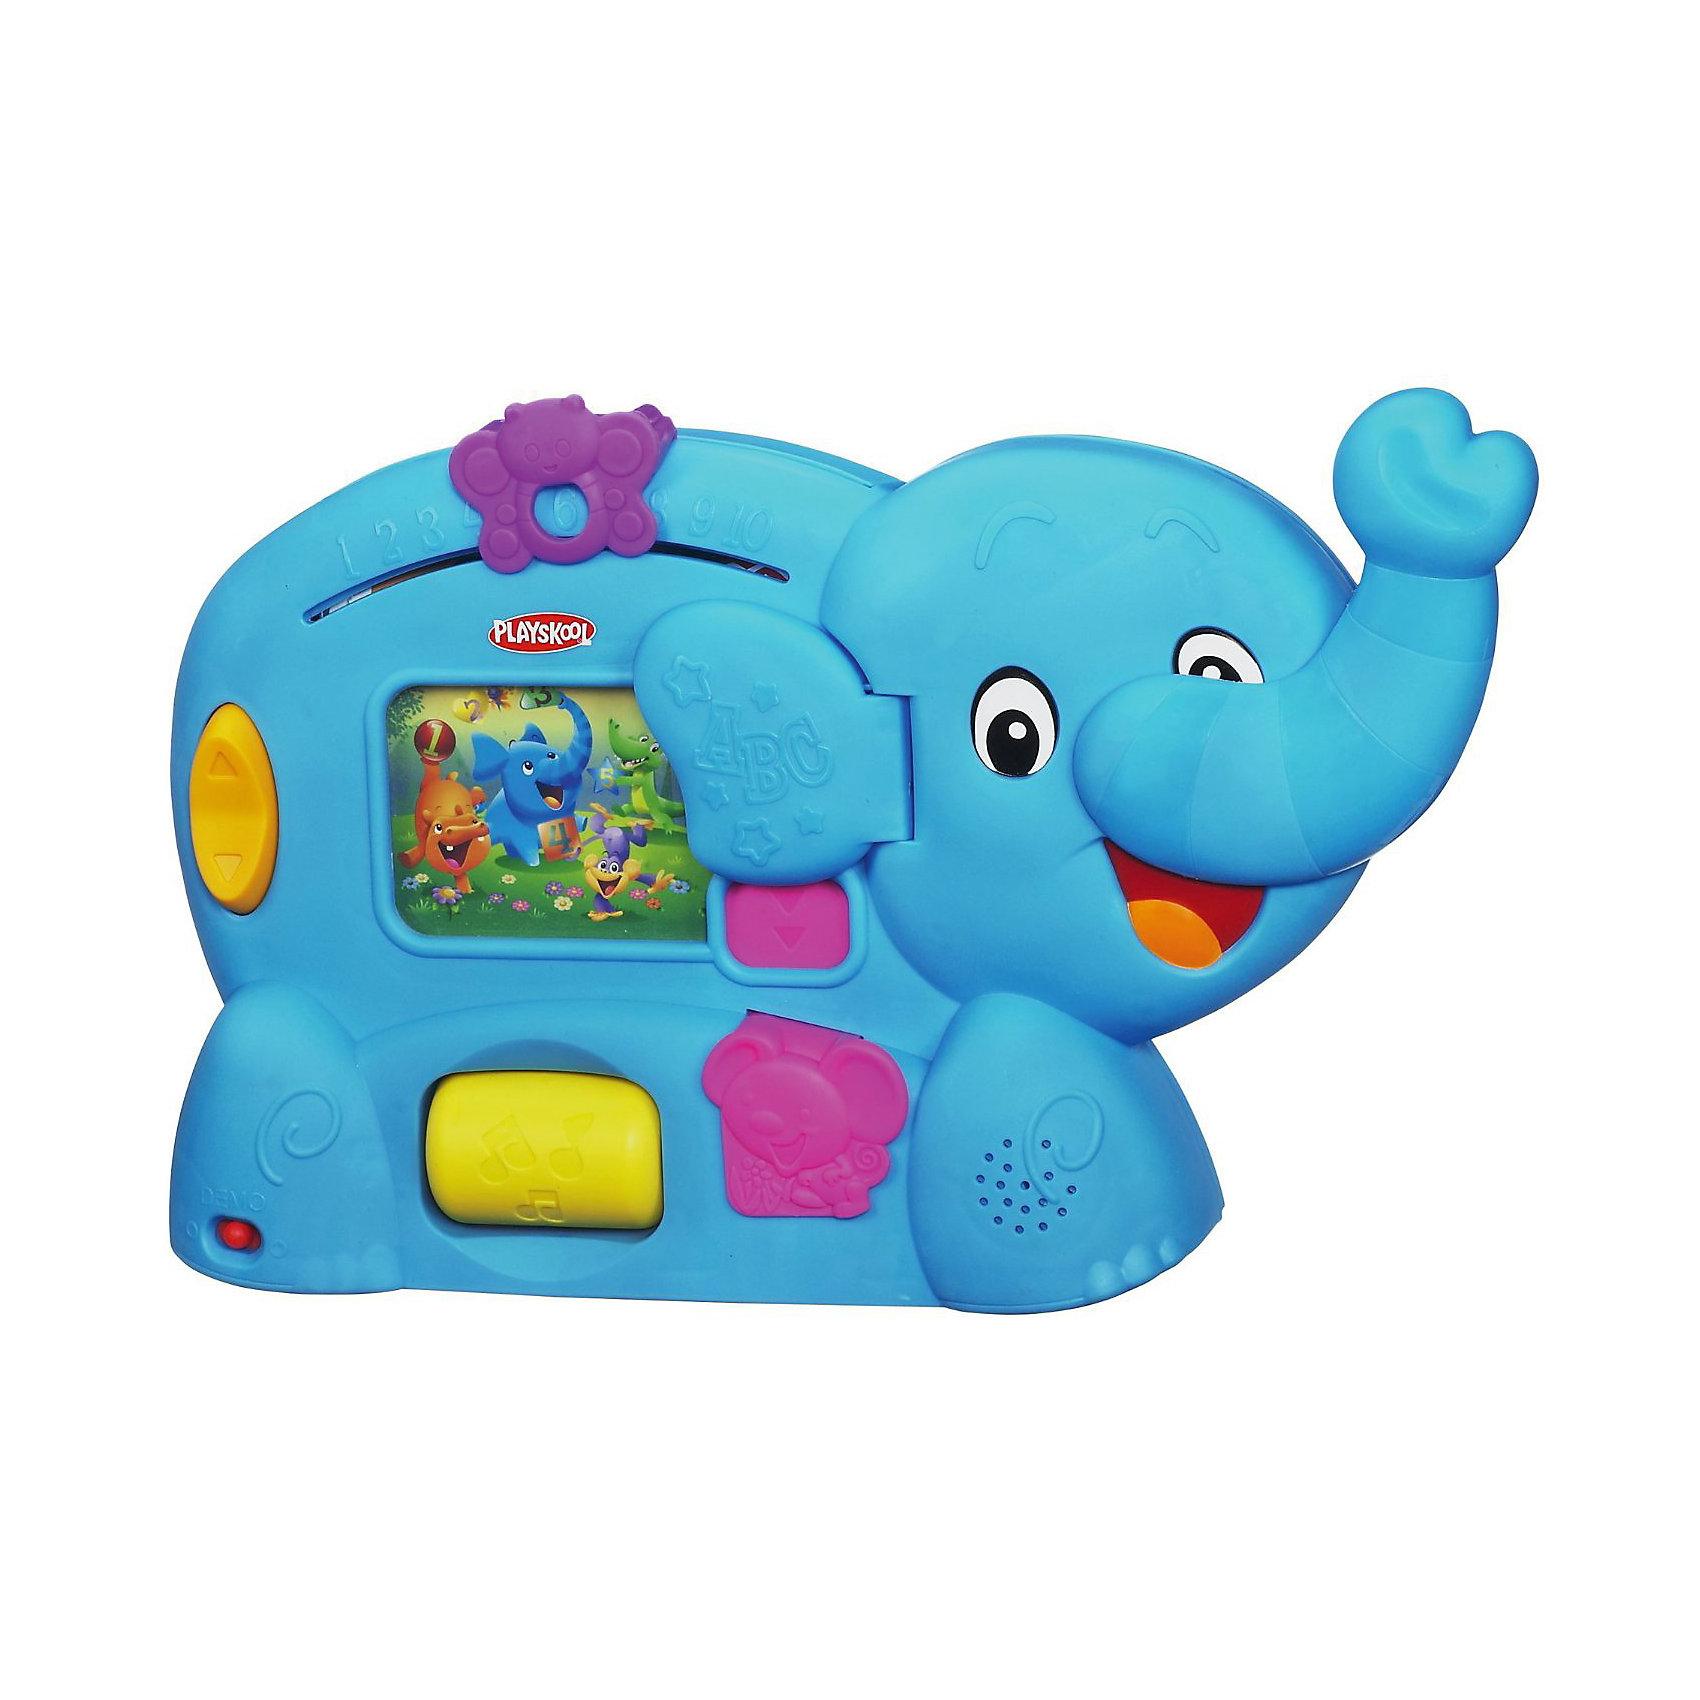 Обучающая игрушка Слоник, PlayskoolИнтерактивные игрушки для малышей<br>Обучающая игрушка Слоник, Playskool - это настоящий учитель для Вашего ребенка. Слоник поможет Вашему малышу выучить: буквы, слова, счет, цвета, формы, манеры и многое другое! <br><br>На у слоника расположен экран, где по очередности будут показываться все его друзья. Бабочка, расположенная в верхней части, научит  ребенка считать до 10! <br>Также игрушка развивает мелкую моторику: чтобы начать игру, нужно опустить вниз хобот слоника. <br>Нажмите на мышку, чтобы узнать все о цветах и формах. <br>Слоник говорит по-русски. <br>Продается в открытой упаковке с функцией TRY ME.<br><br>Дополнительная информация:<br><br>- В комплекте: обучающая игрушка Слоник.<br>- Материал: пластмасса.<br>- Интерактивные функции: учит цветам, формам, счету.<br>- Игрушка руссифицирована.<br>- Функция: Try me (тестовый режим).<br>- Размер игрушки: ок.38 см.<br>- Питание: батарейки ААх3 шт.<br><br>Обучающую игрушку Слоник, Playskool можно купить в нашем интернет-магазине.<br><br>Ширина мм: 79<br>Глубина мм: 381<br>Высота мм: 318<br>Вес г: 1383<br>Возраст от месяцев: 6<br>Возраст до месяцев: 24<br>Пол: Унисекс<br>Возраст: Детский<br>SKU: 3486805